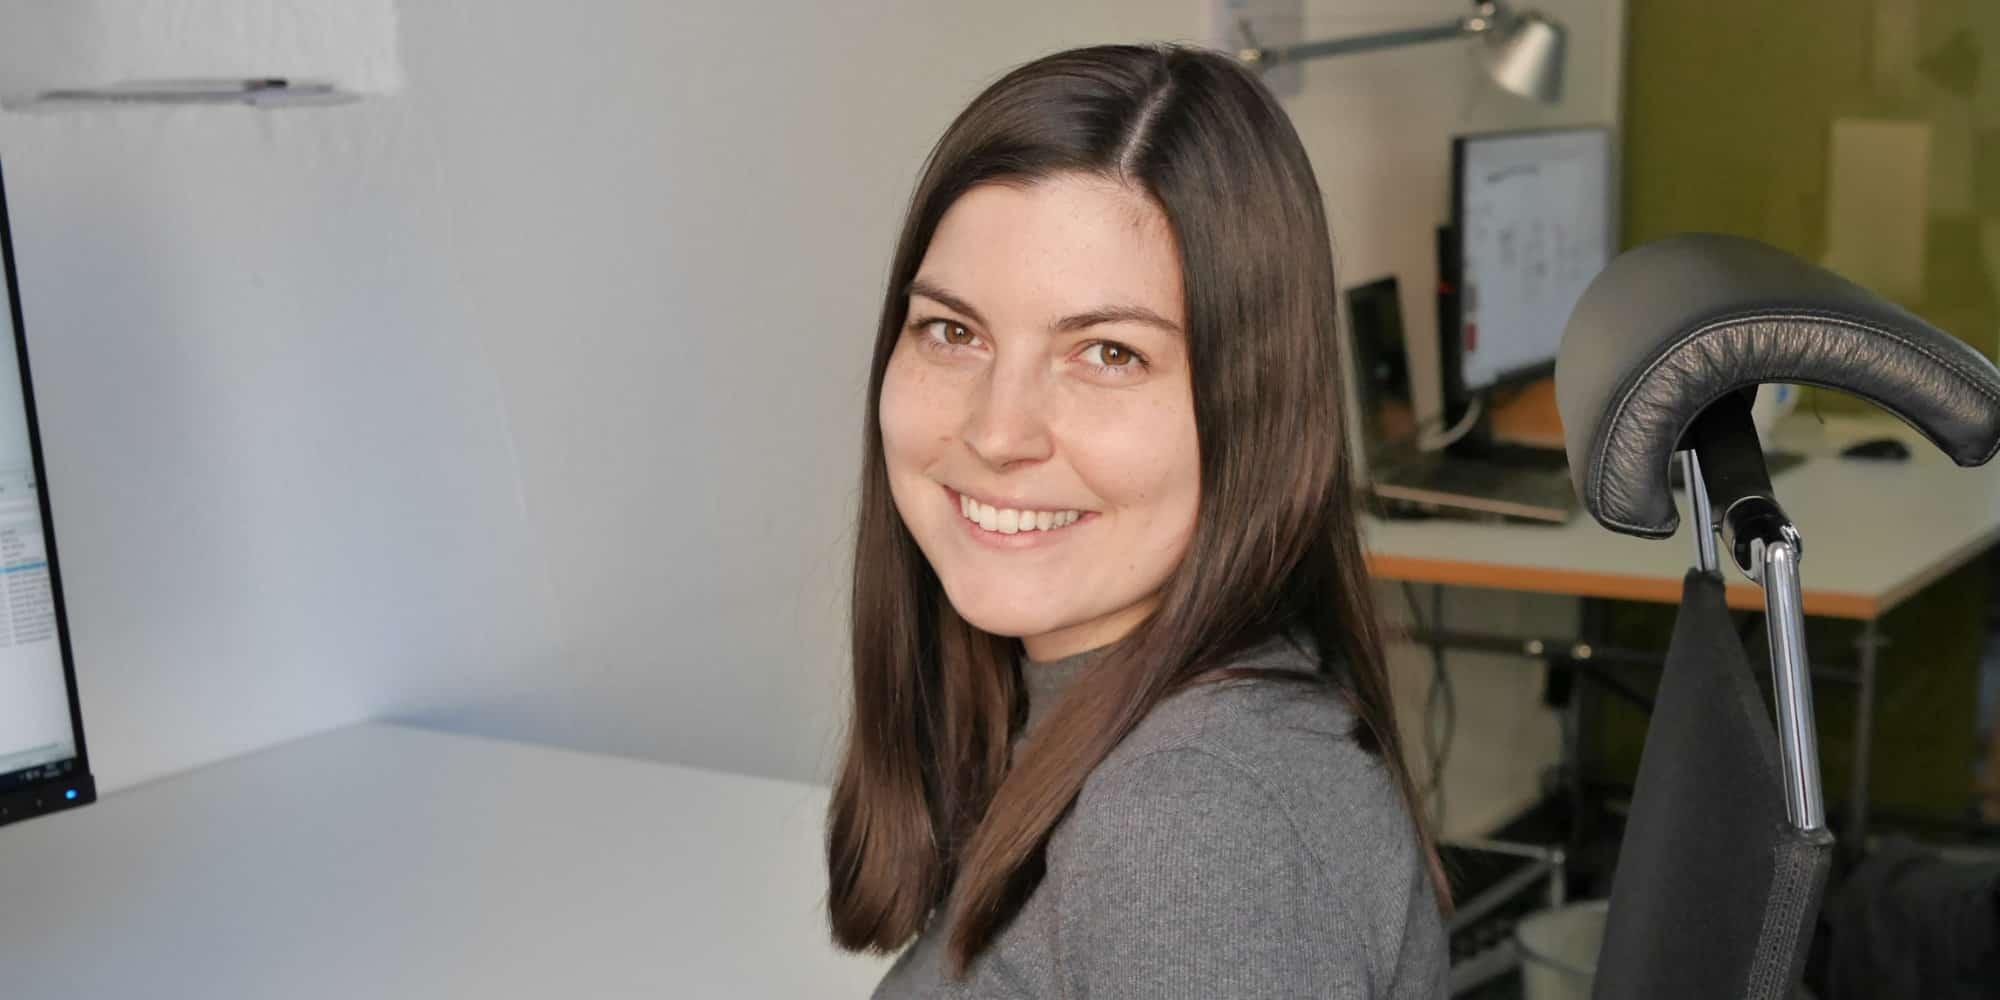 Bild: Paulina Grotz am Schreibtisch, (c) ver.de